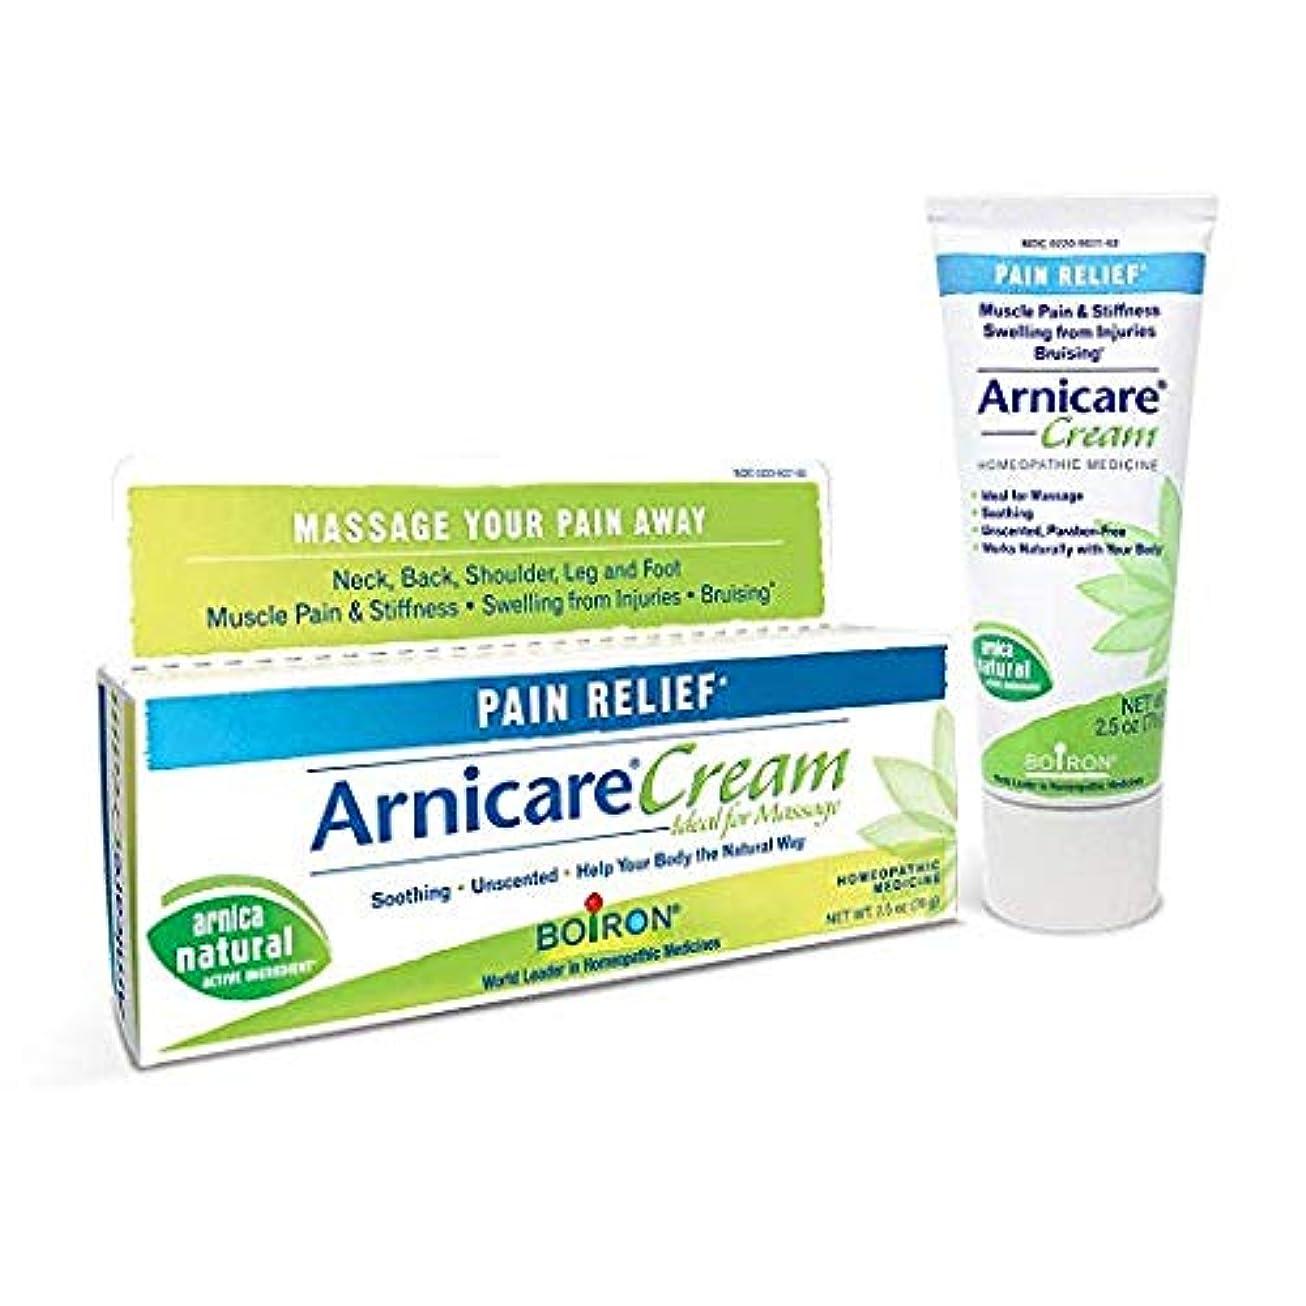 アサート容器関係ボイロン アルニカクリーム Boiron Arnicare Cream 2.5 Ounces Topical Pain Relief Cream [並行輸入品]